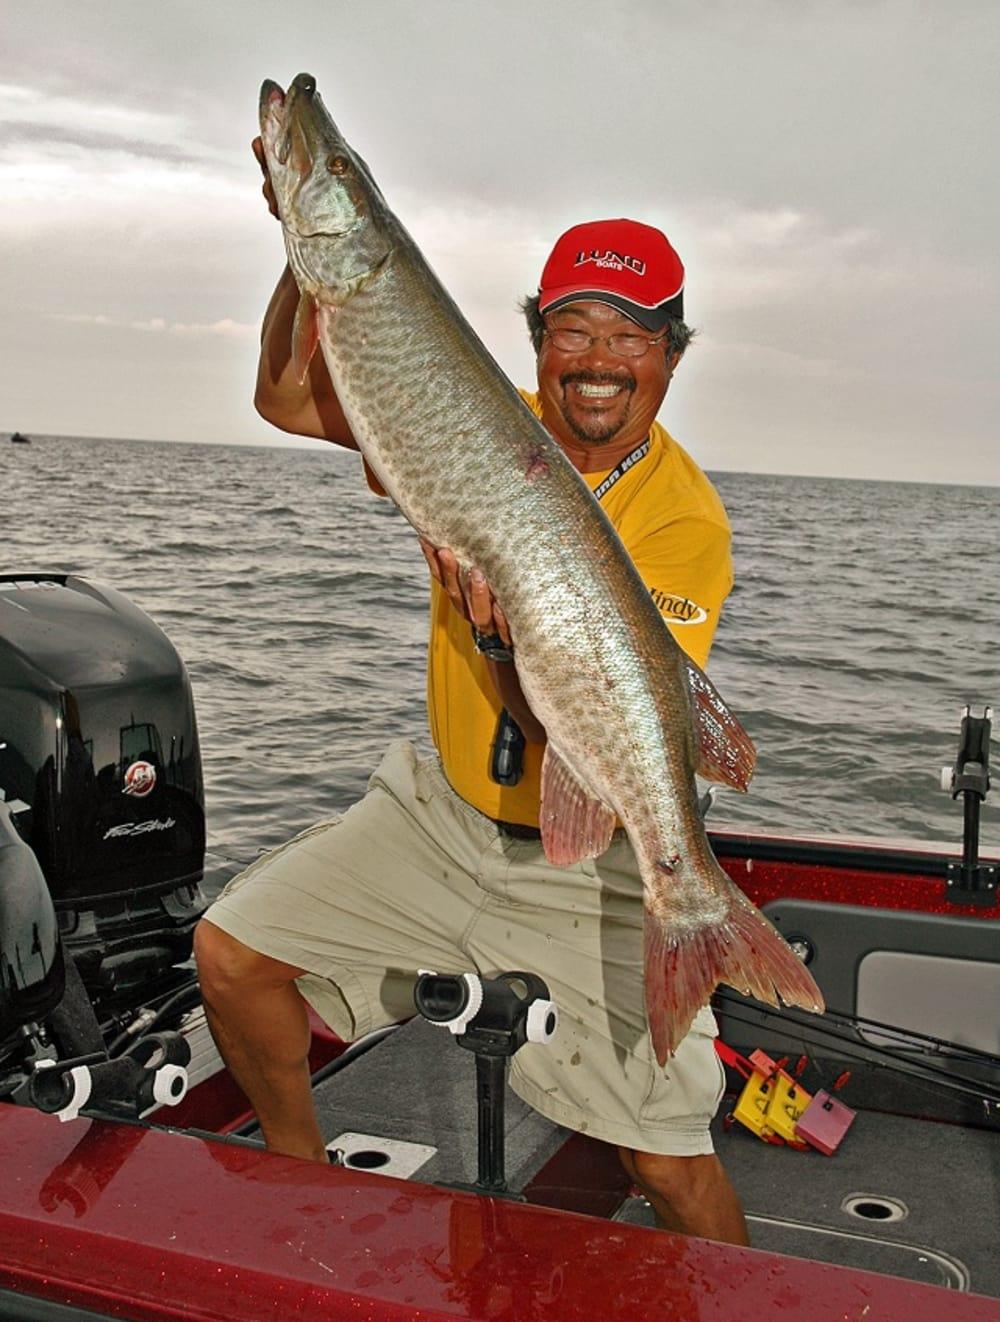 Ted takasaki 39 s summertime muskie fishing tips and tricks for Fishing tips and tricks